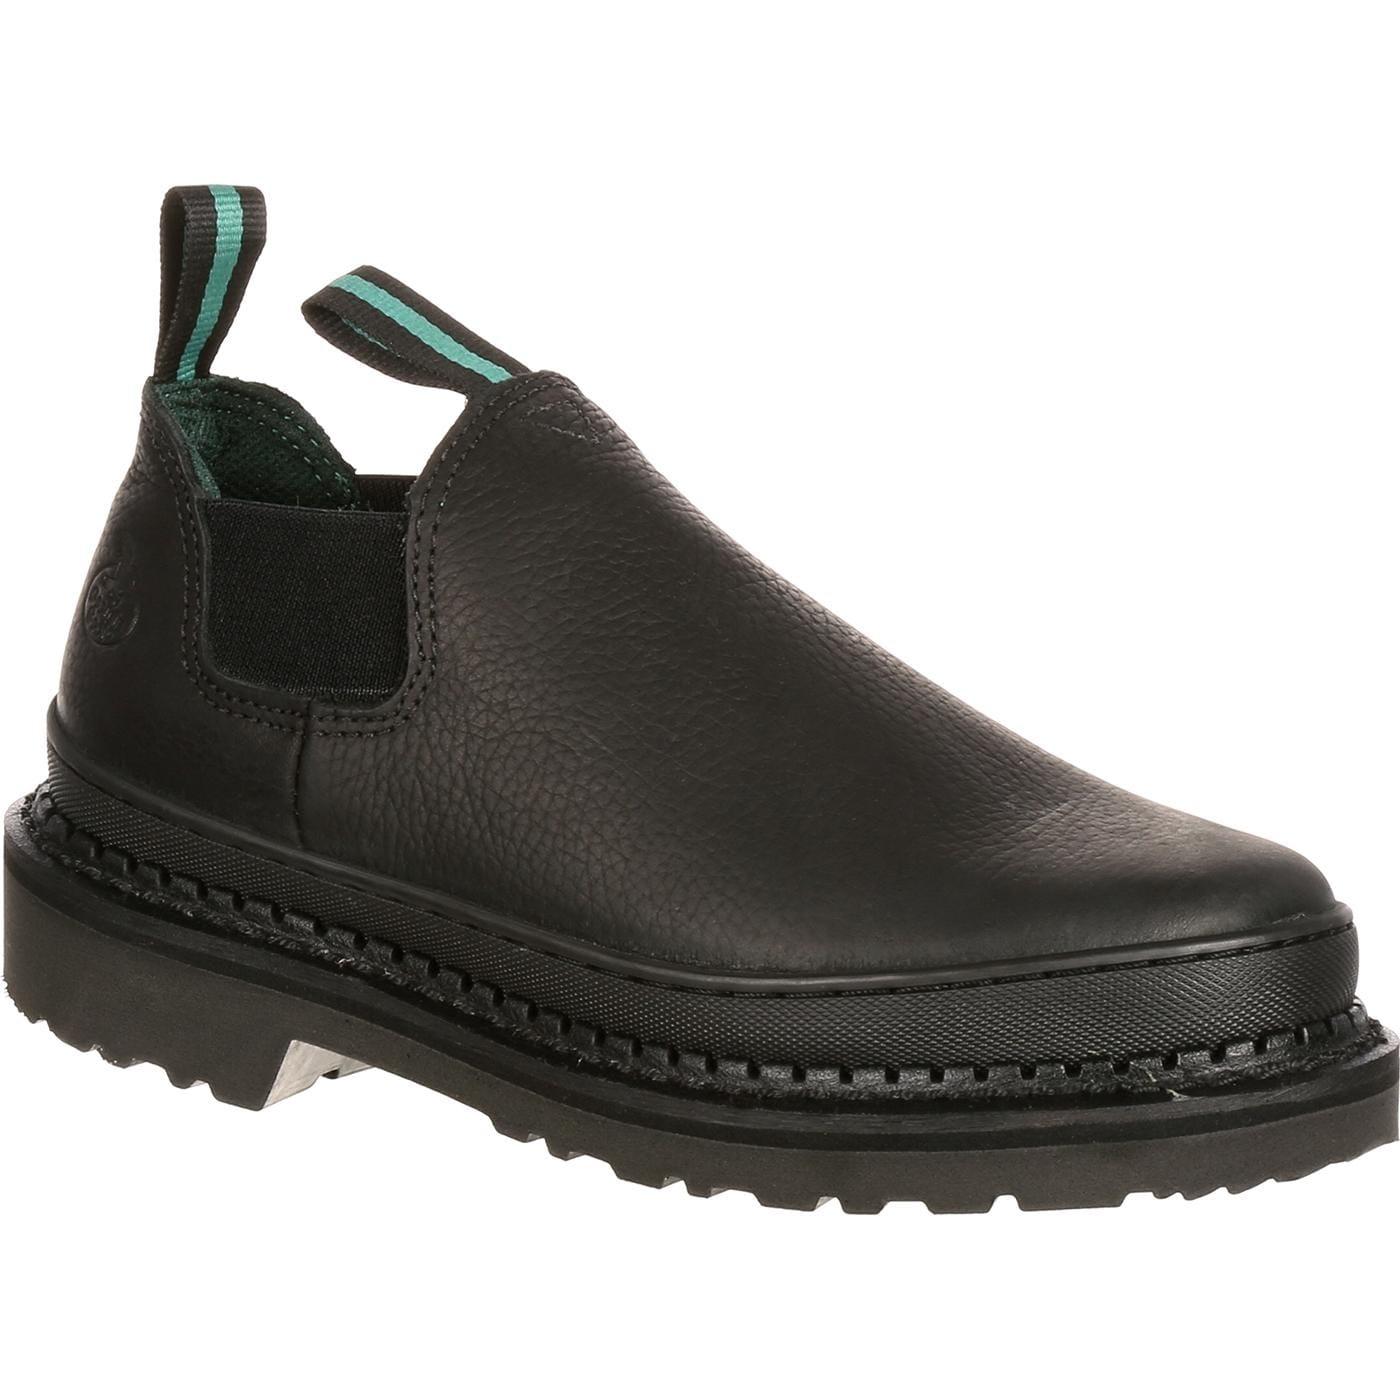 Men's Black Leather Slip-On Romeo Work